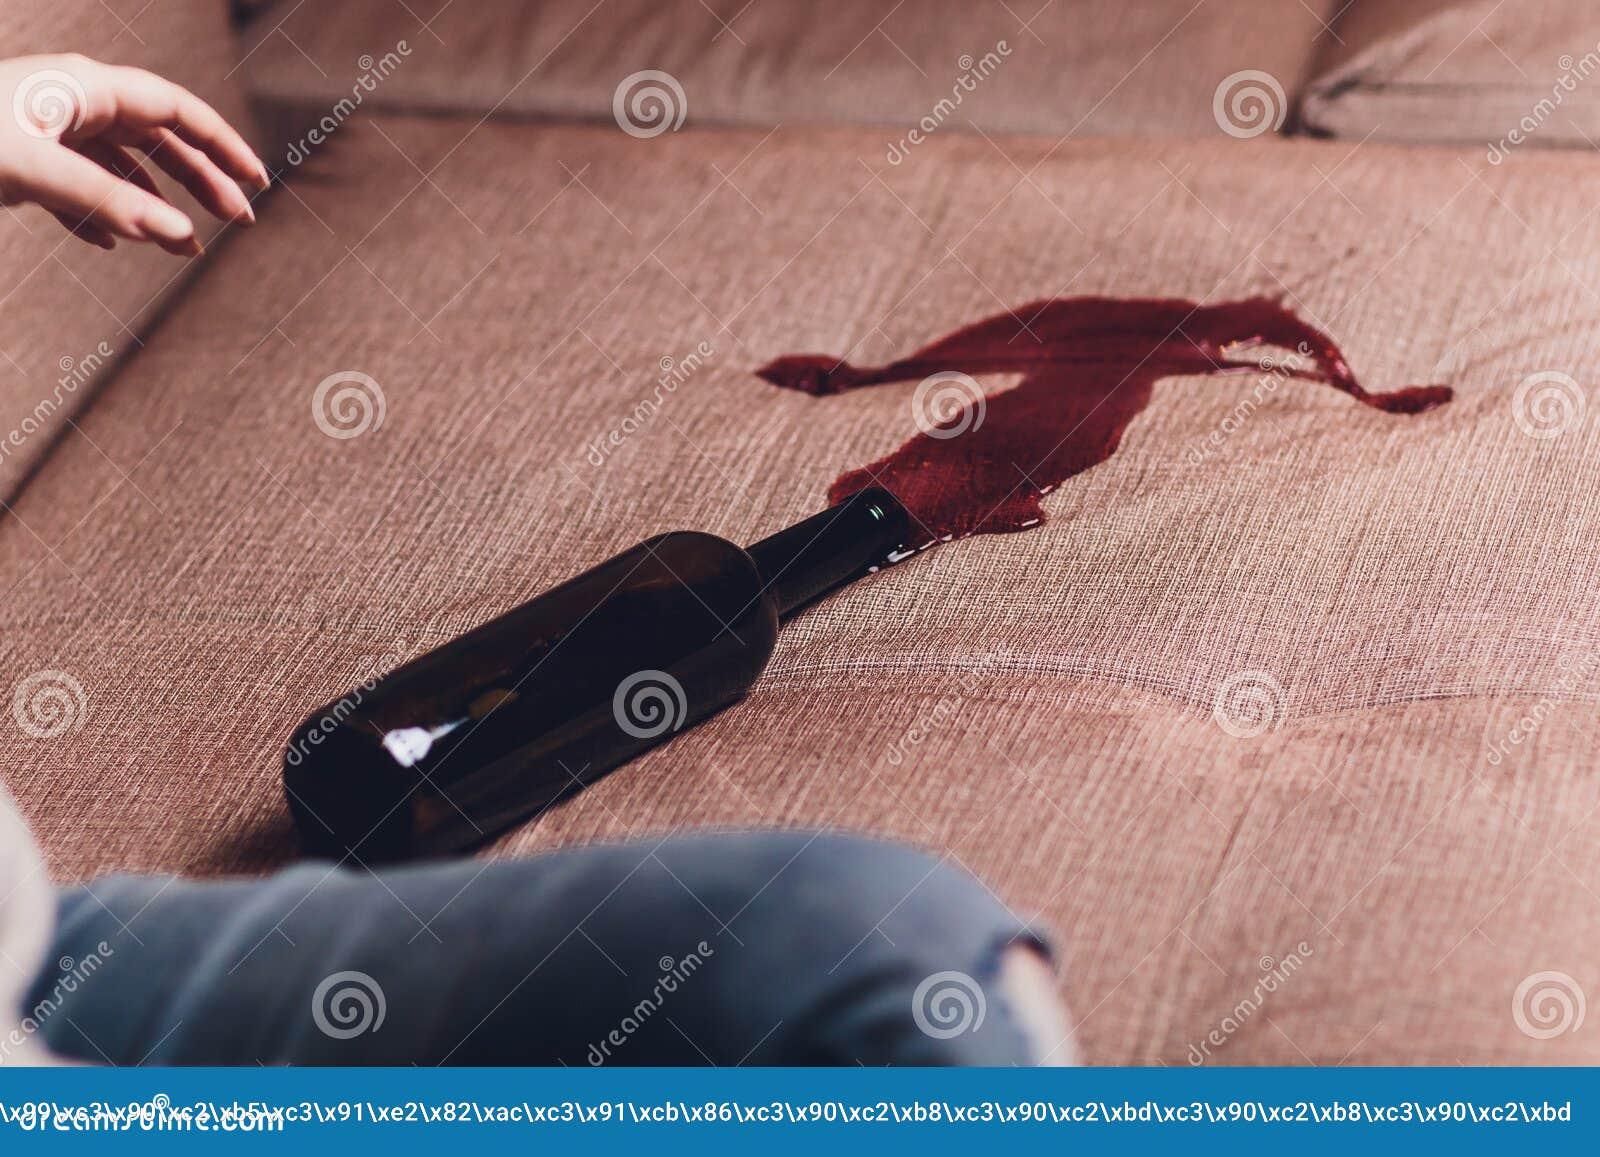 Le vin rouge s est renversé sur un sofa brun de divan la bouteille foncée de vin rouge s est laissée tomber